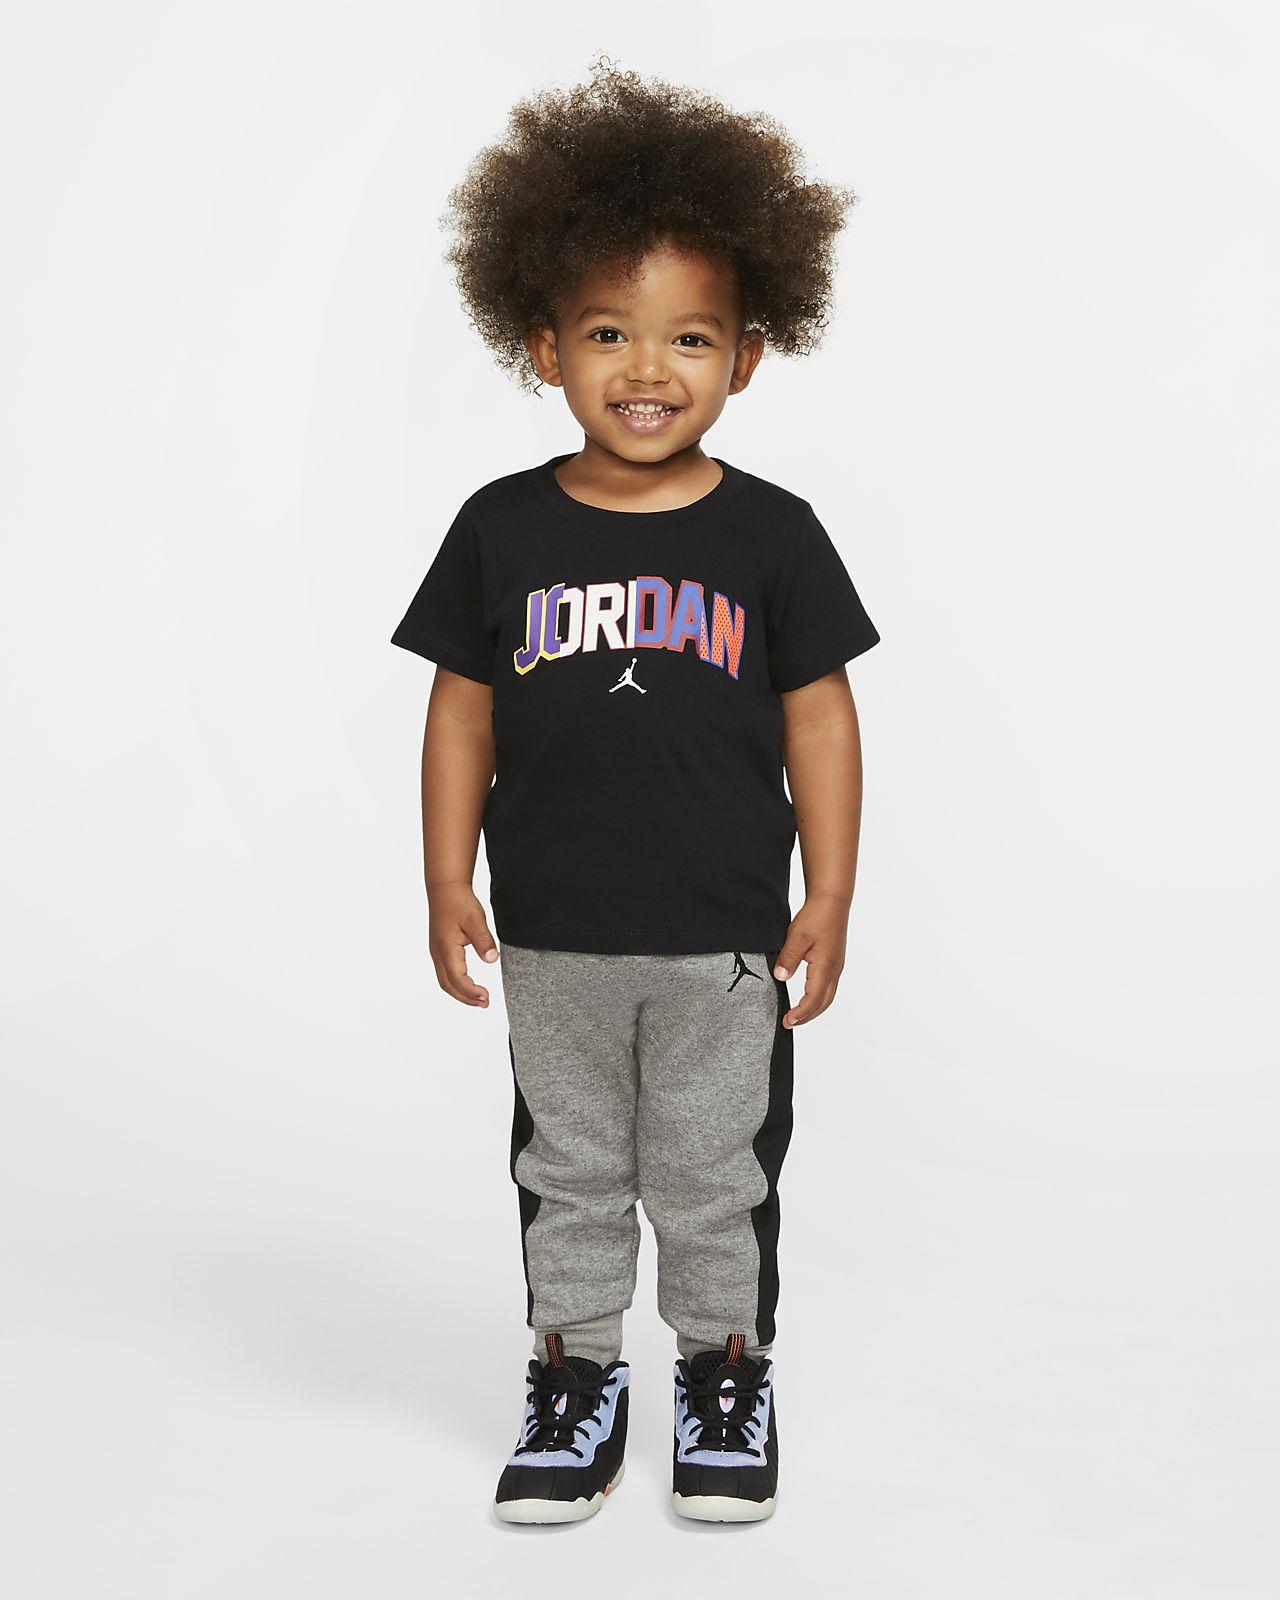 Jordan Conjunto de dos piezas de camiseta y jogger - Bebé